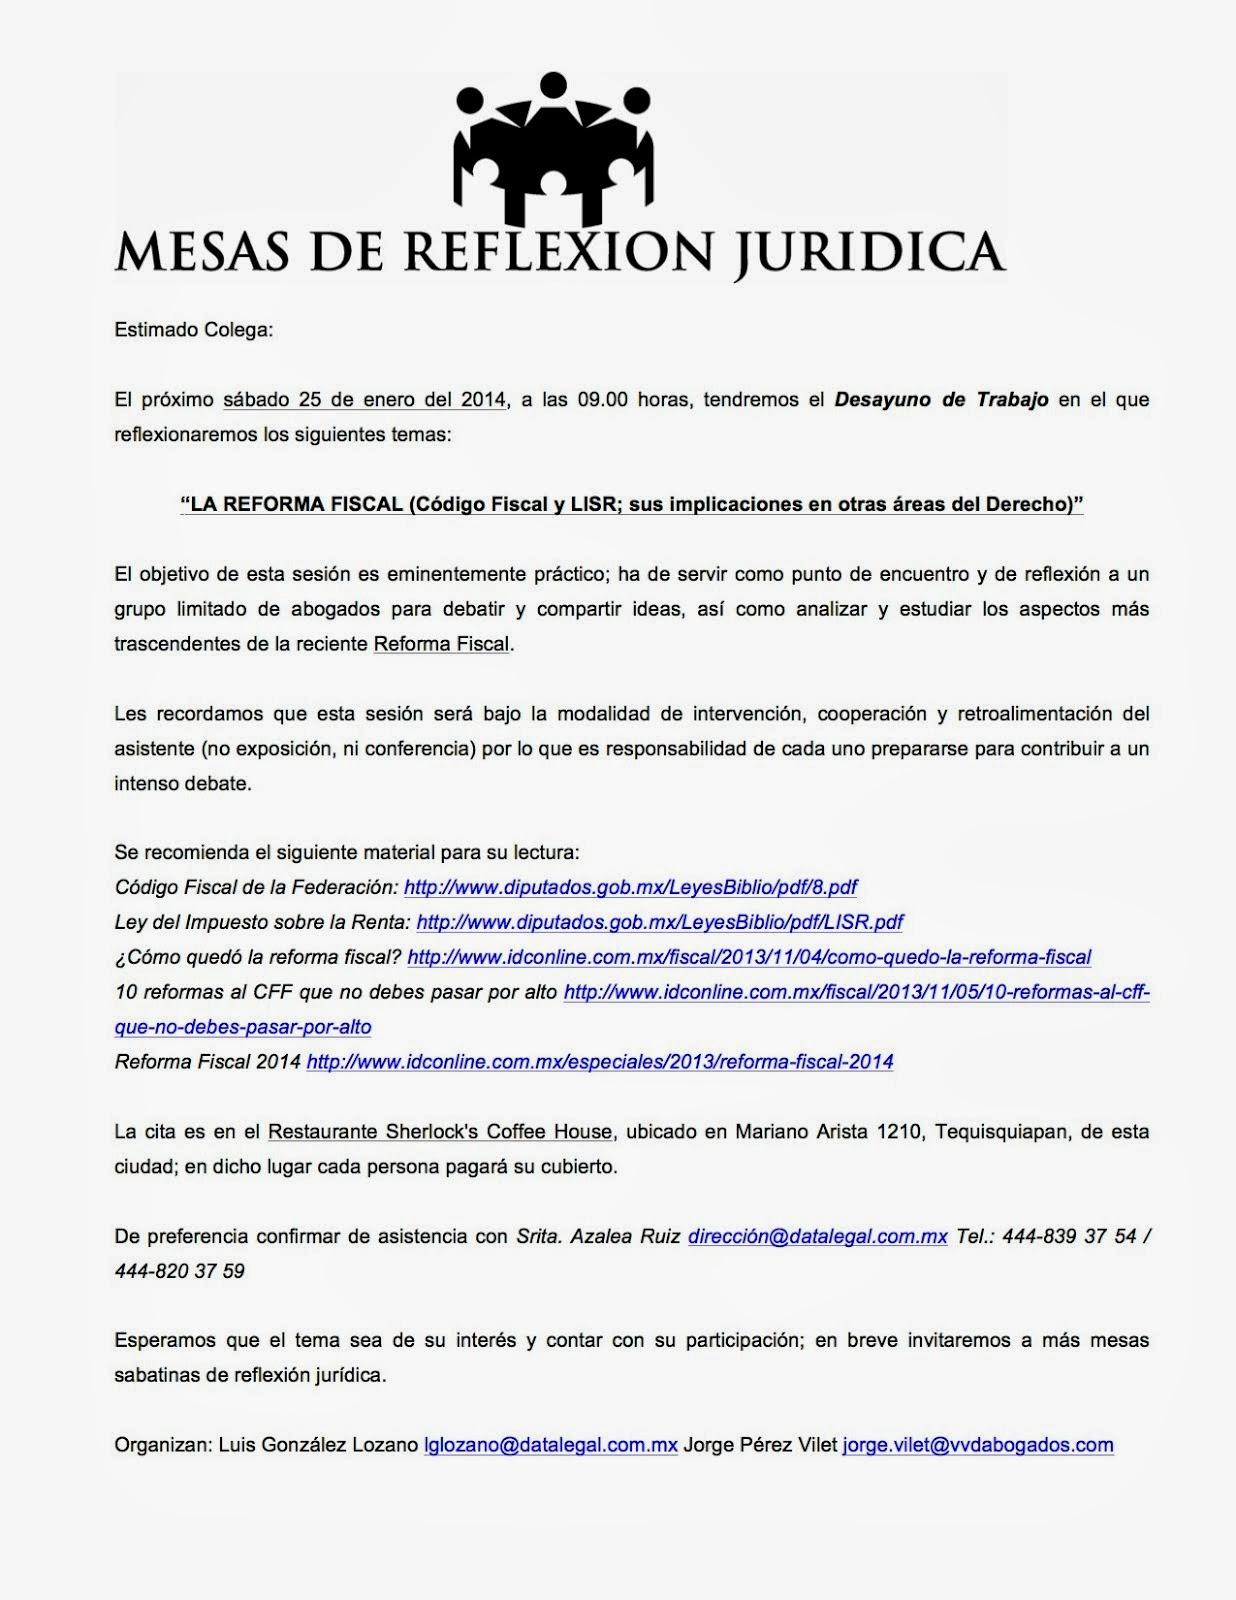 """Mesa de Reflexión Jurídica del sábado 25 de enero del 2014: """"LA REFORMA FISCAL"""""""